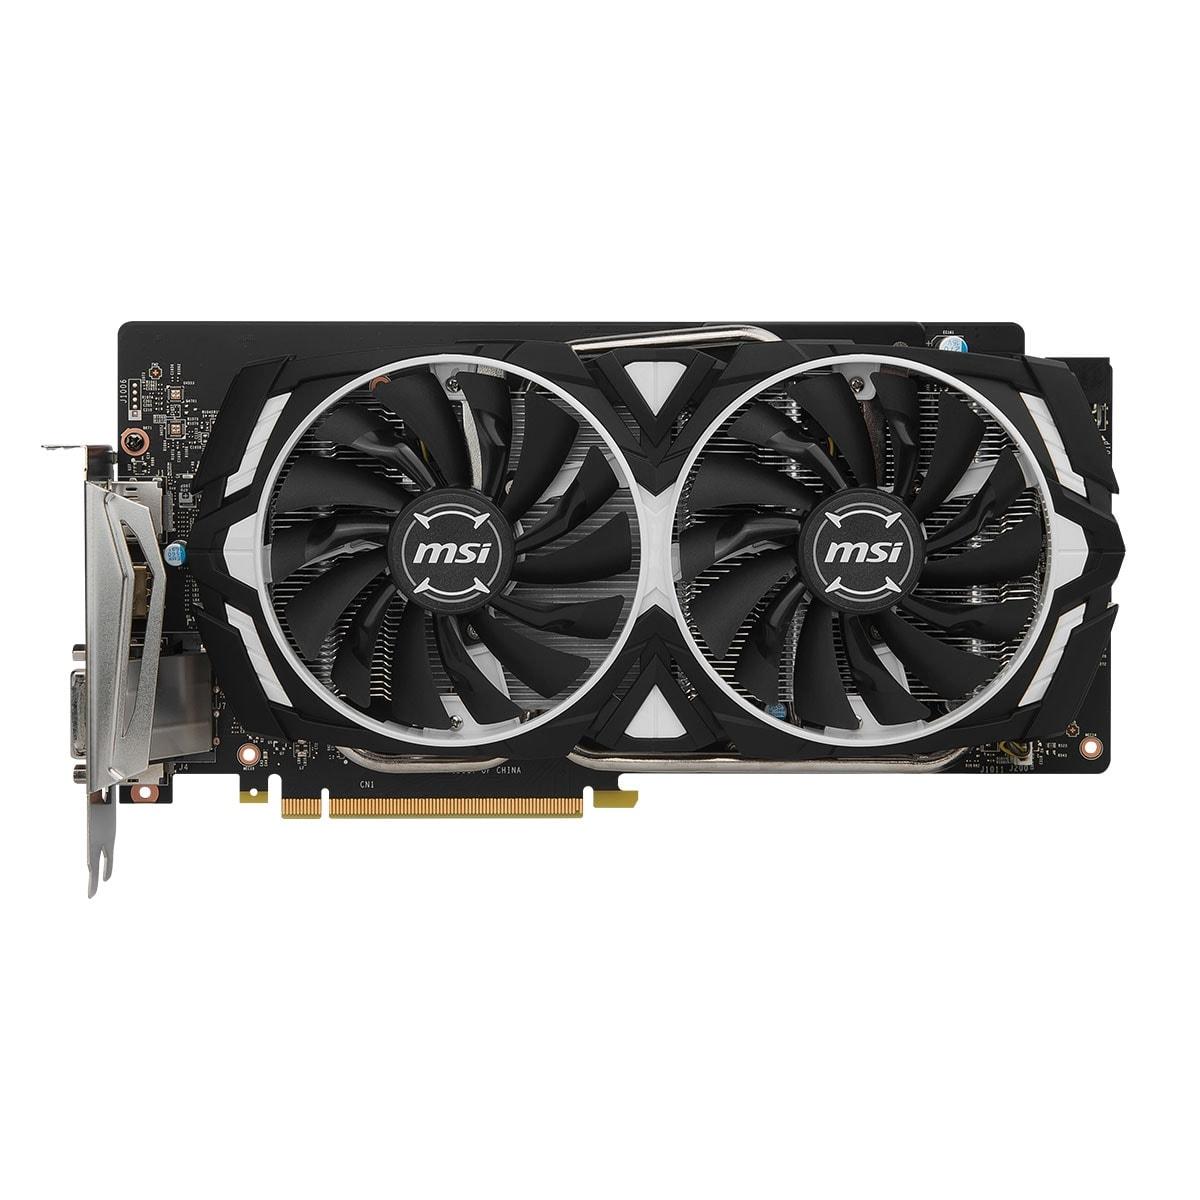 MSI  -  - carte Graphique PC - GPU  - 3